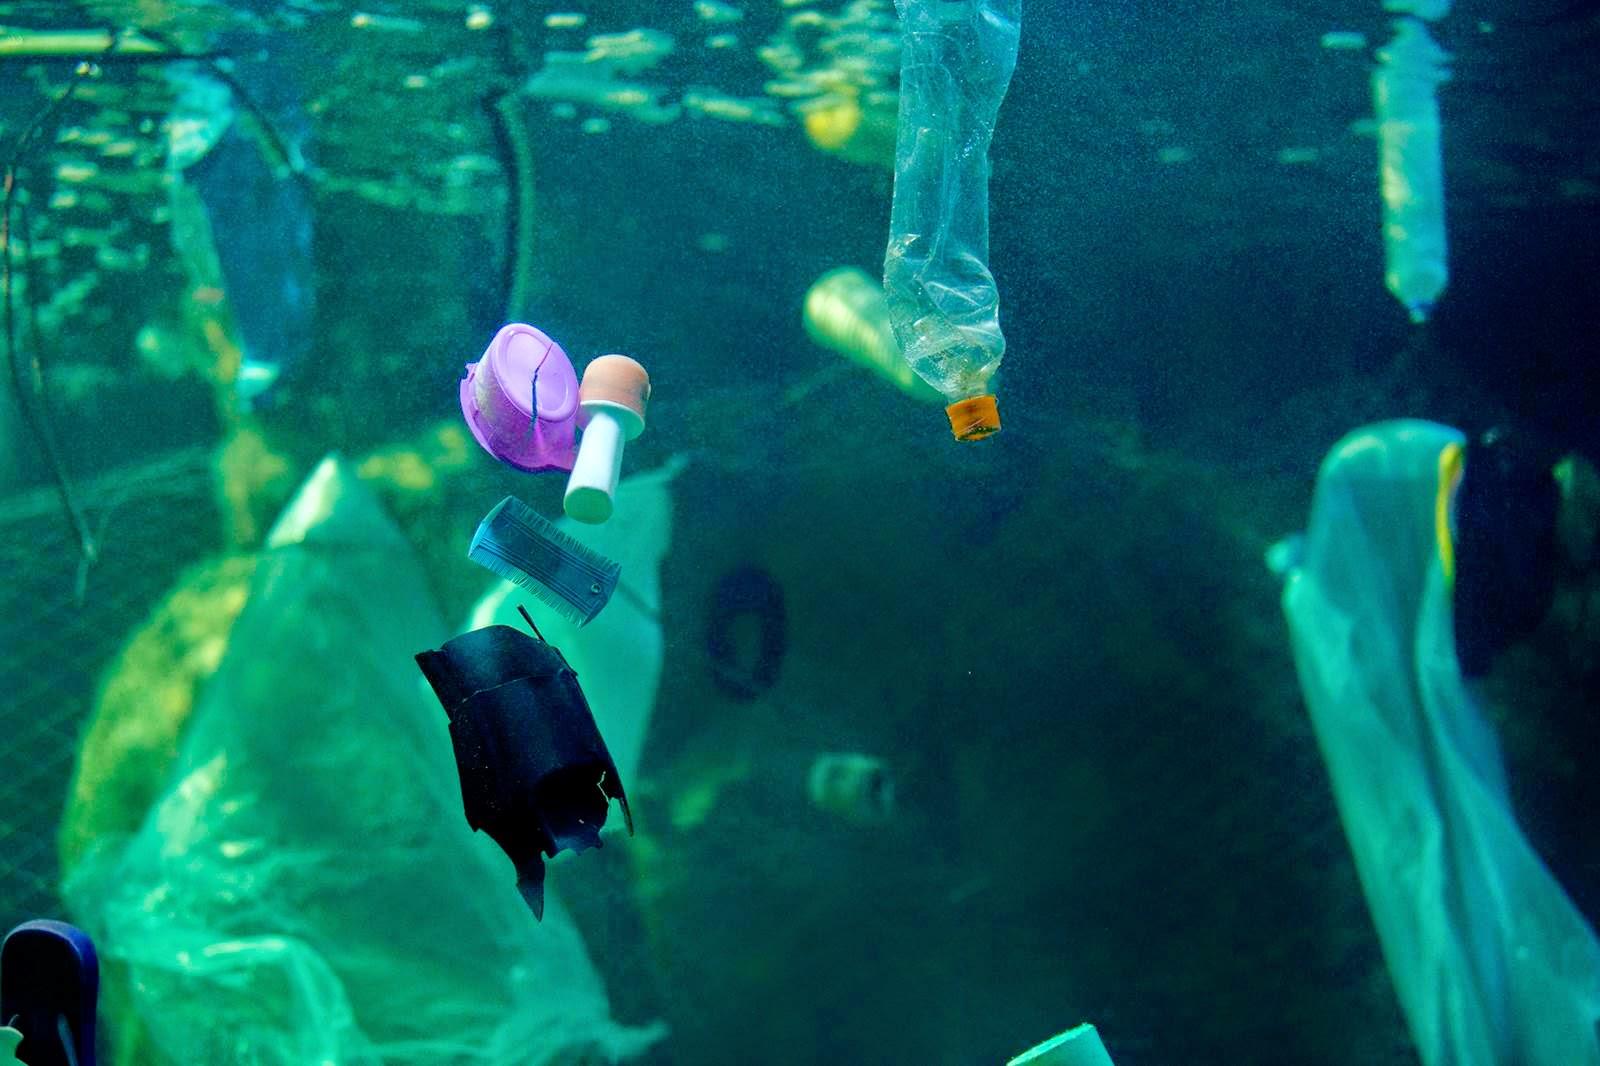 A exposição faz com que o visitante enxergue os impactos da poluição marinha e reflita sobre a importância do descarte correto dos materiais recicláveis